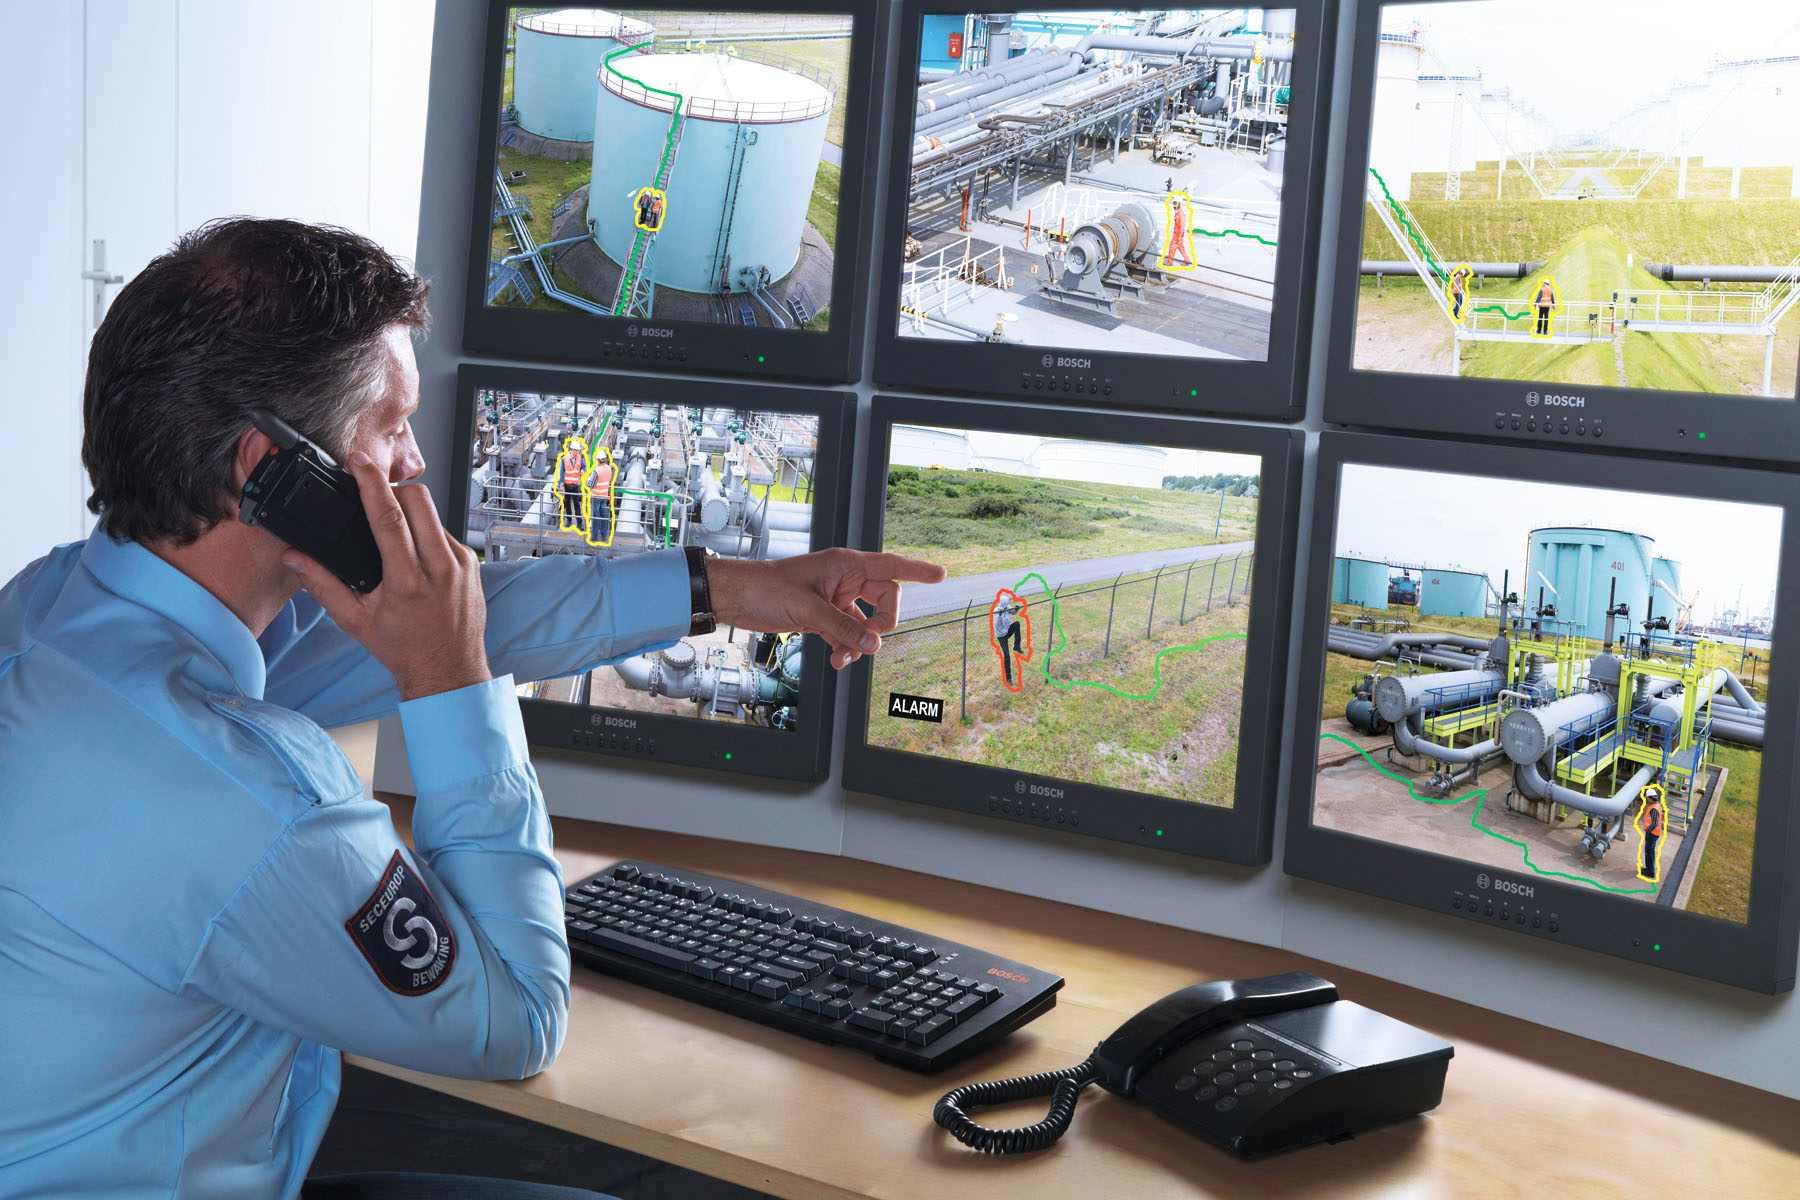 Sisteme de supraveghere Video Chisinau